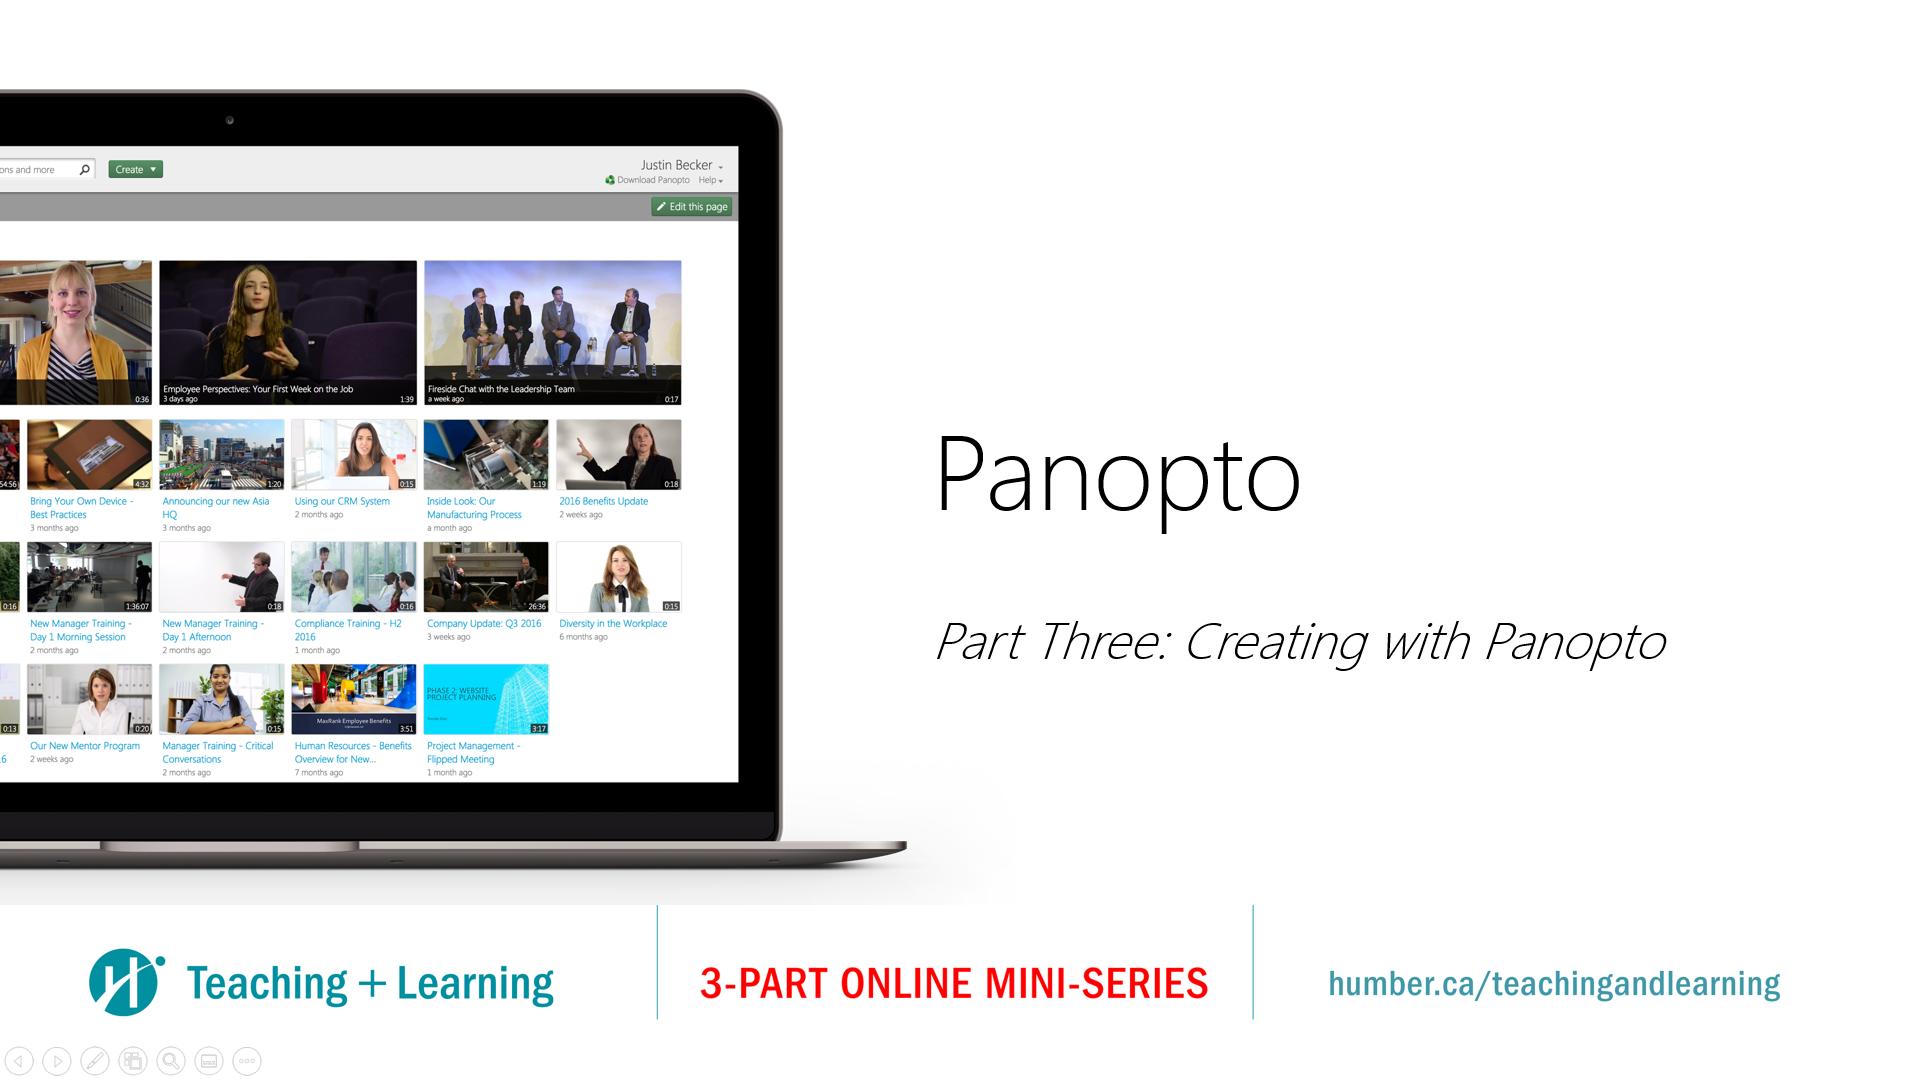 Part Three: Creating with Panopto